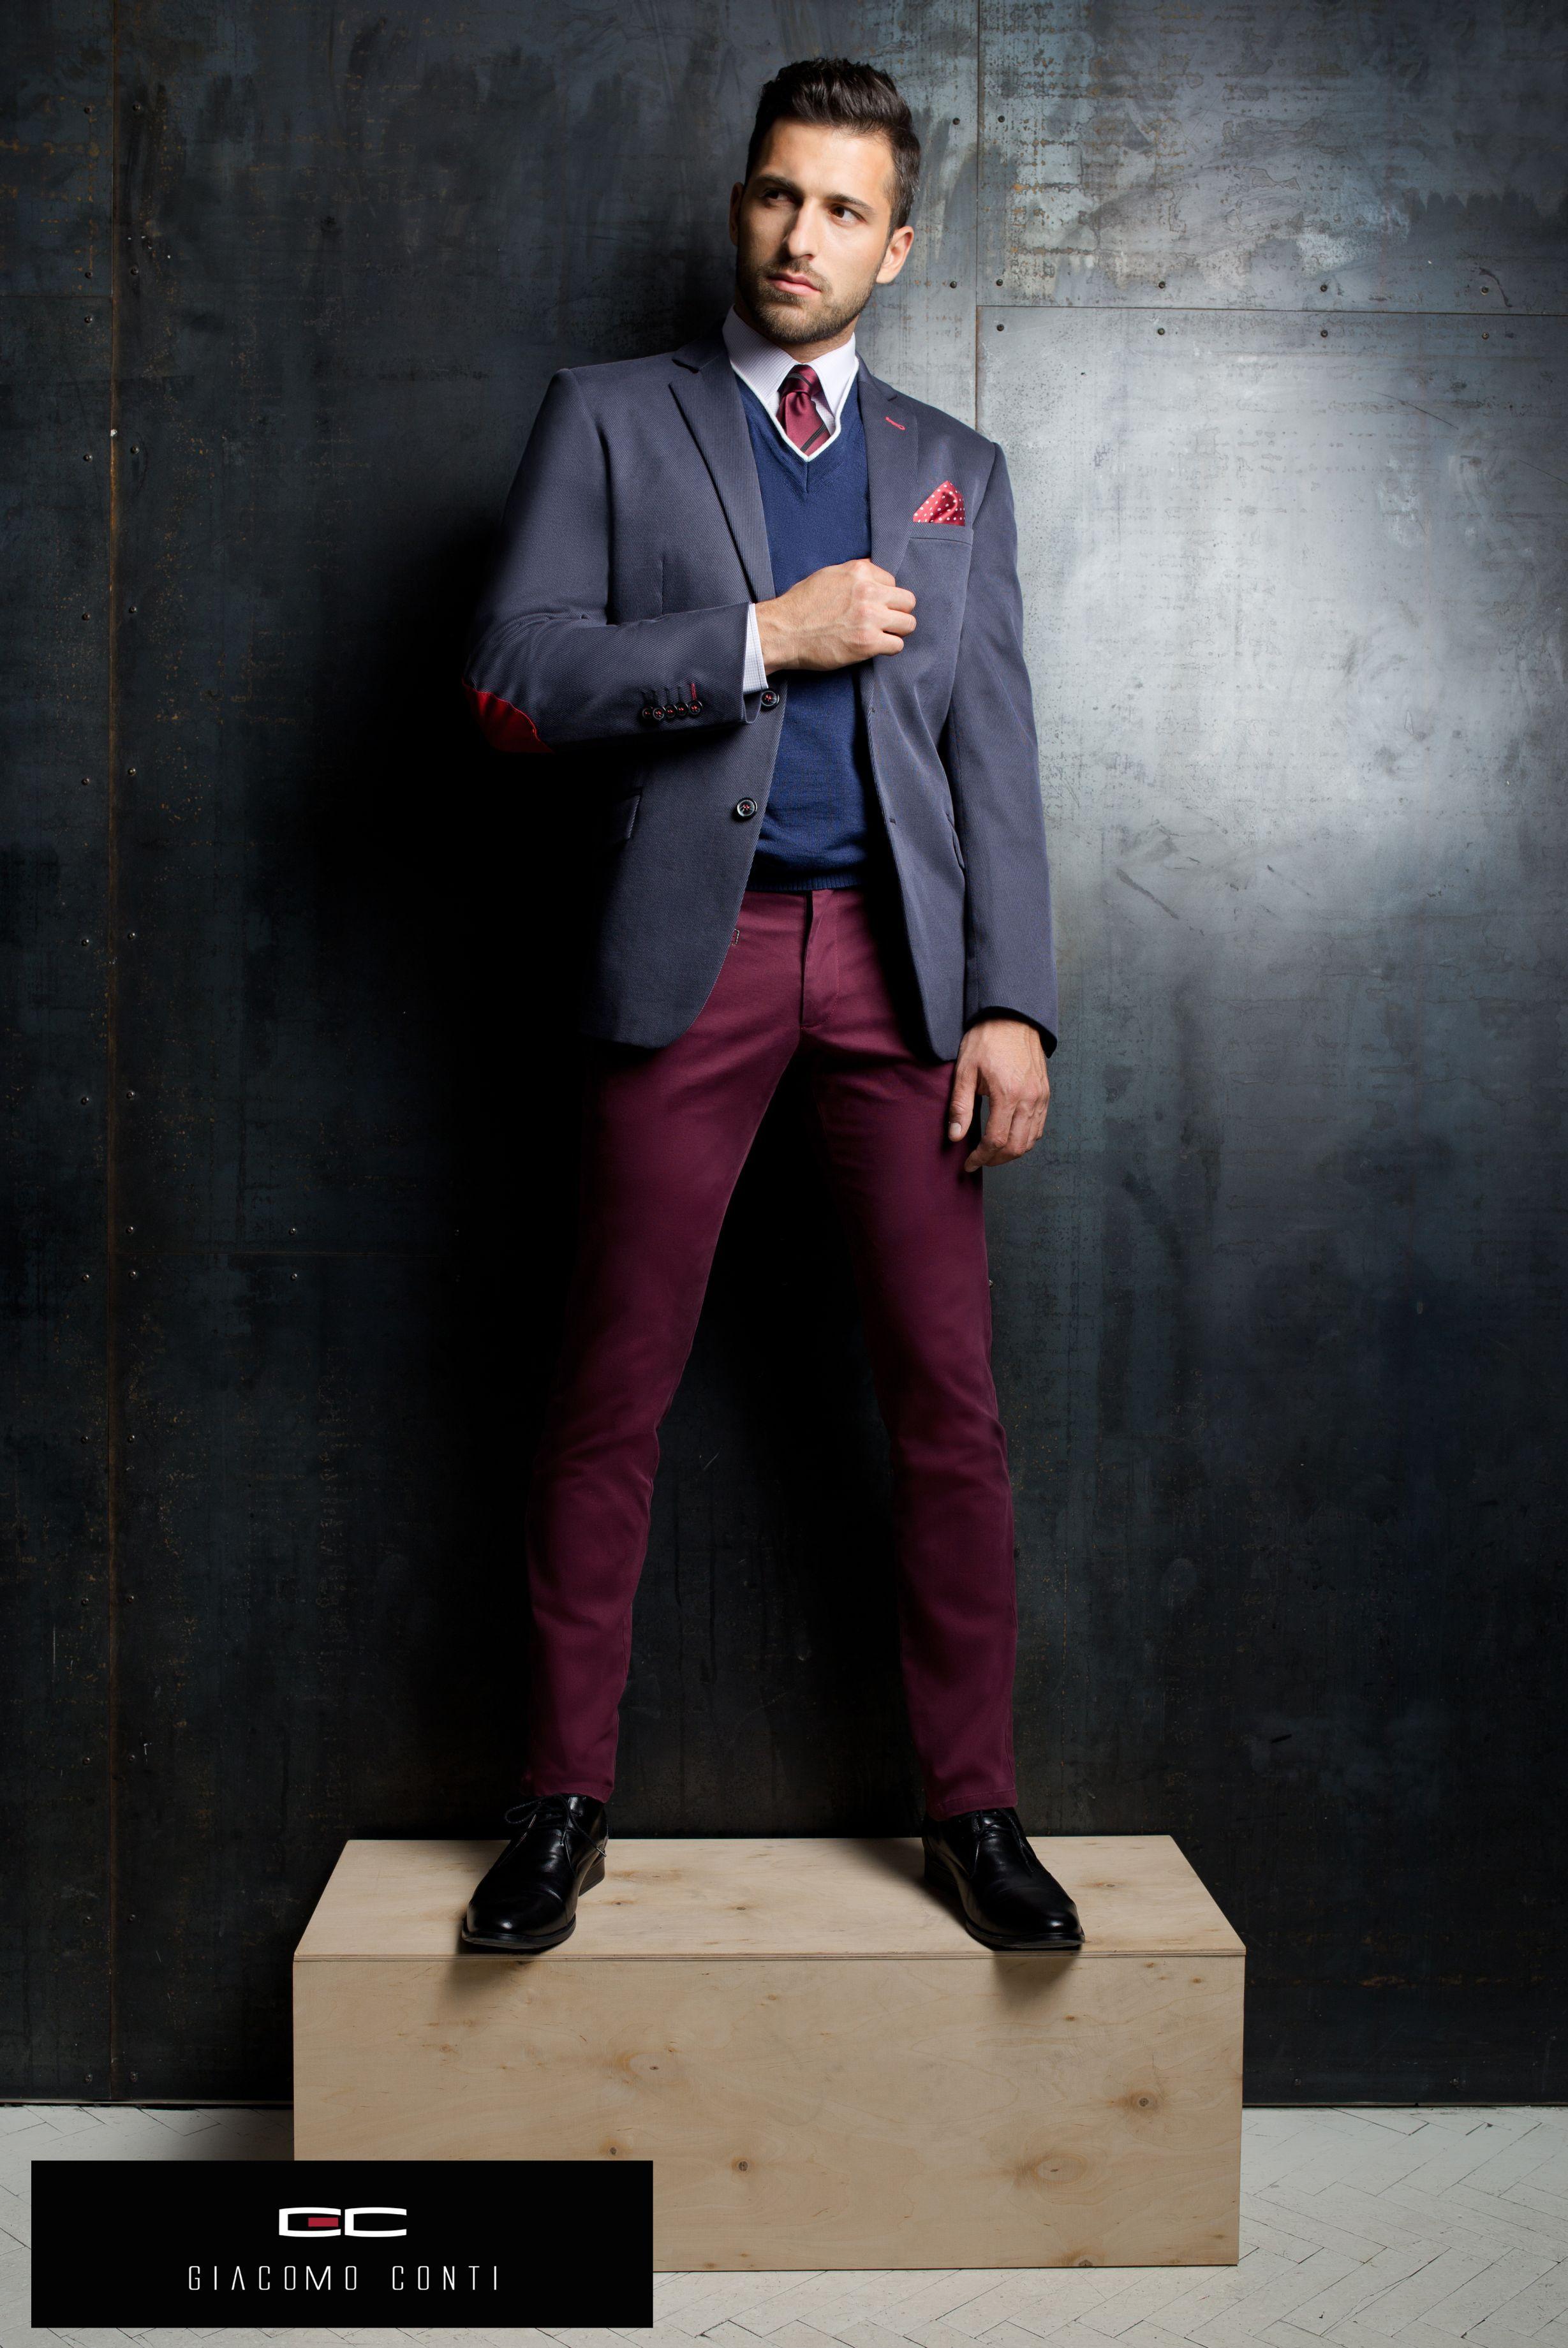 Moda Meska Giacomo Conti Kolekcja Jesien Zima 2014 2015 Kampania Z Udzialem Mistera Polski Rafala Maslaka Giacomoconti Mens Fashion Fashion Mens Suits